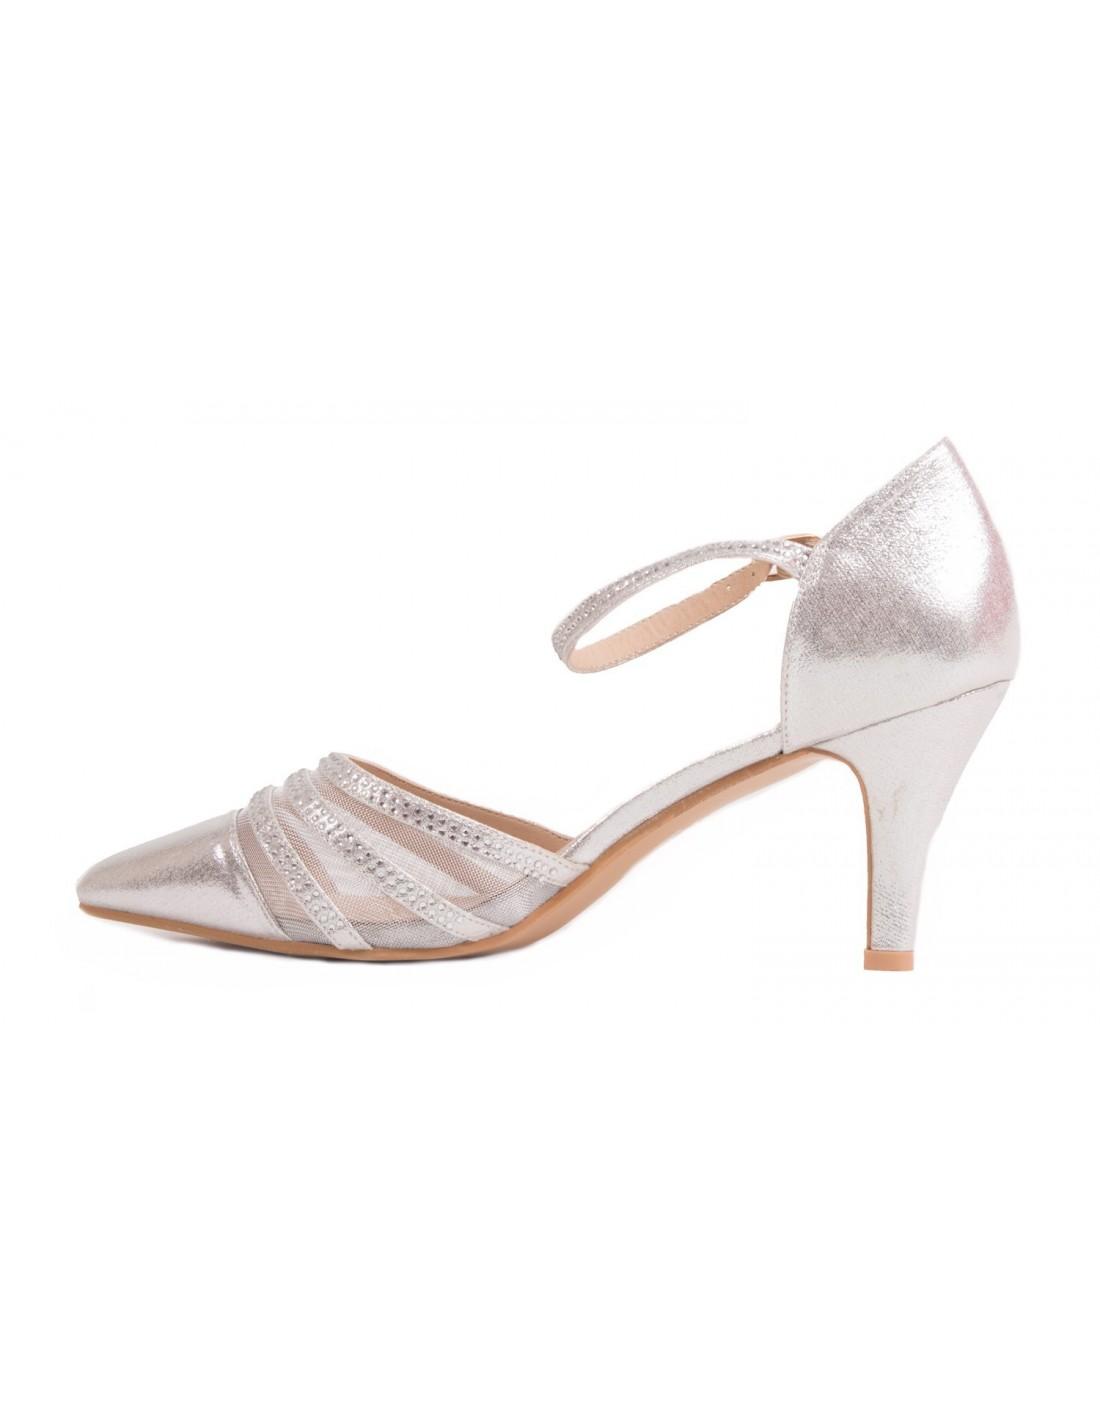 fdb0adc862a09a ... Chaussures mariage femme argenté ou noir grandes pointures à bouts  pointus & strass ...